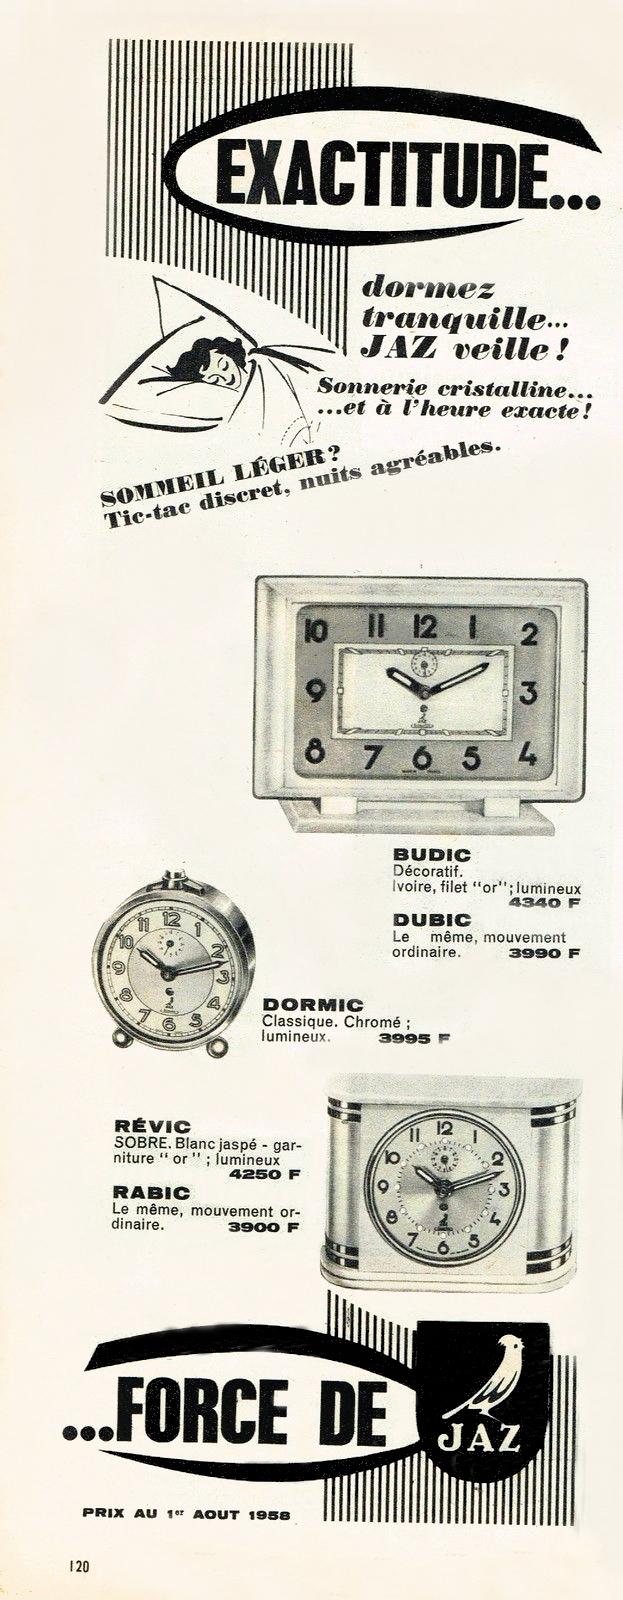 dubic-pub-1958